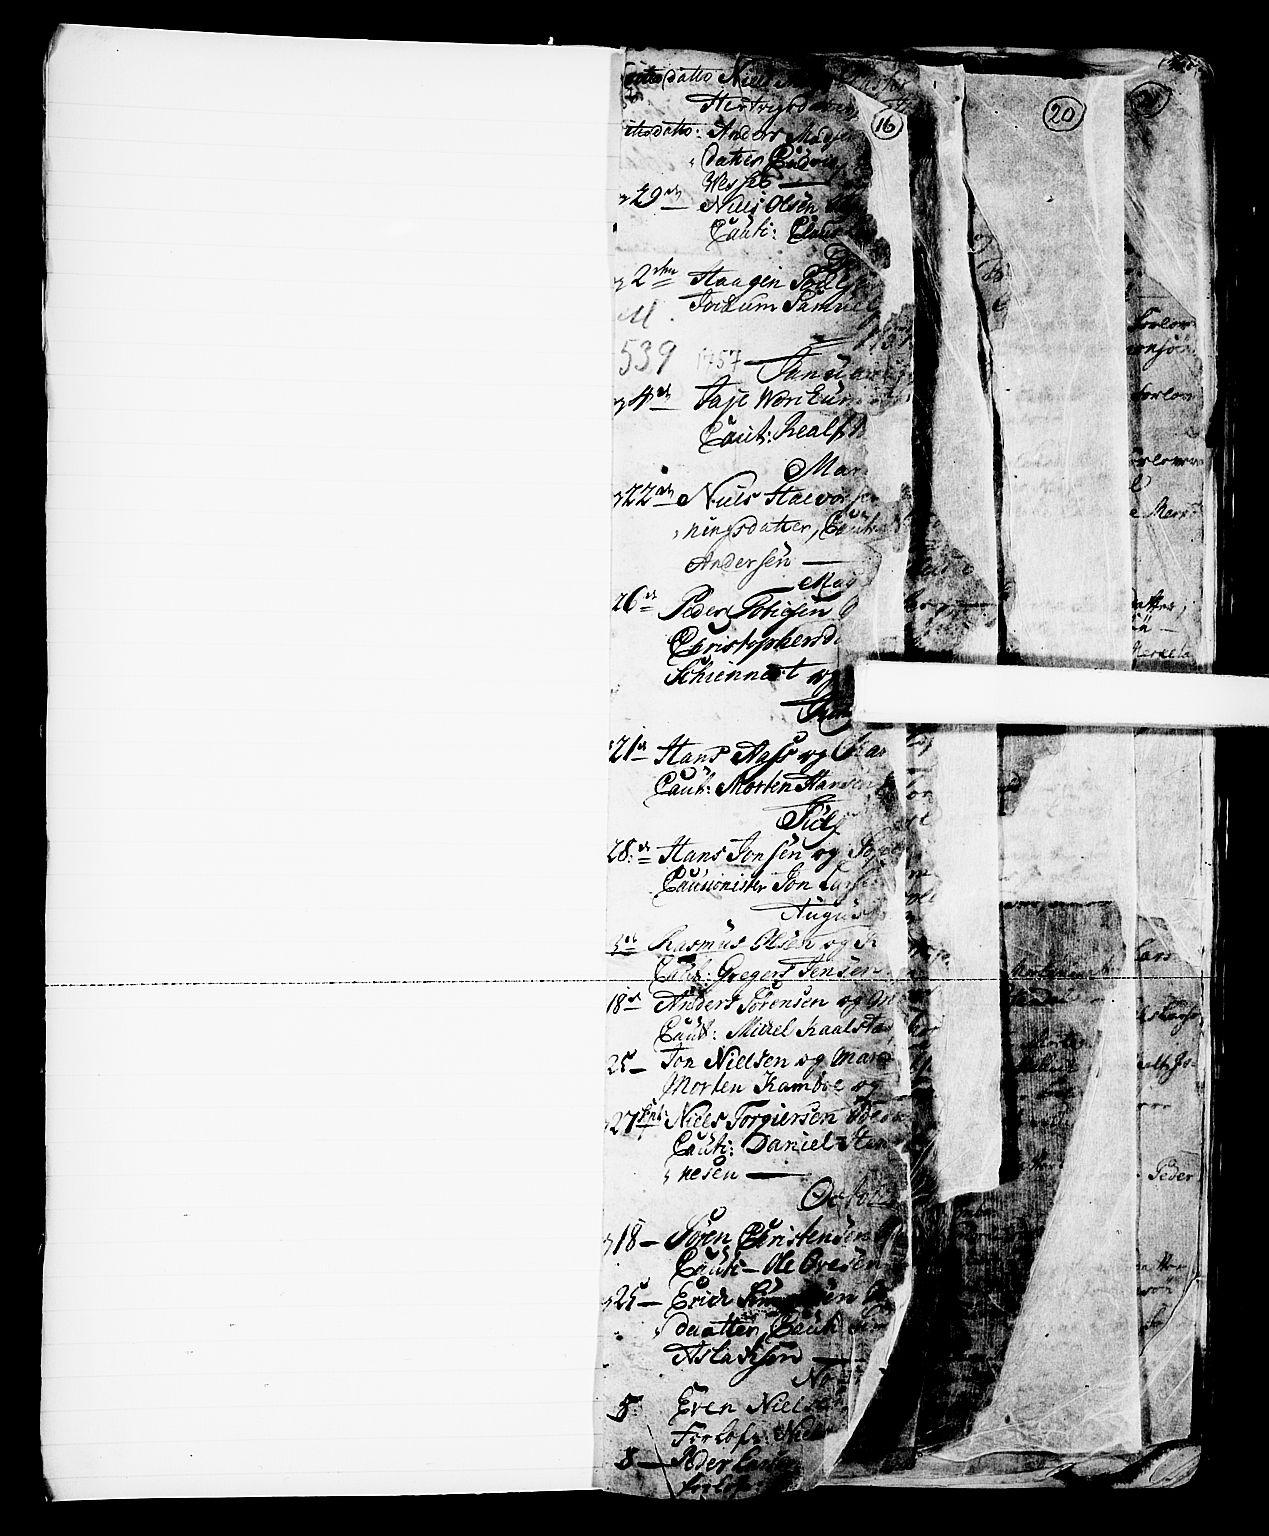 SAKO, Skien kirkebøker, G/Ga/L0001: Klokkerbok nr. 1, 1756-1791, s. 16